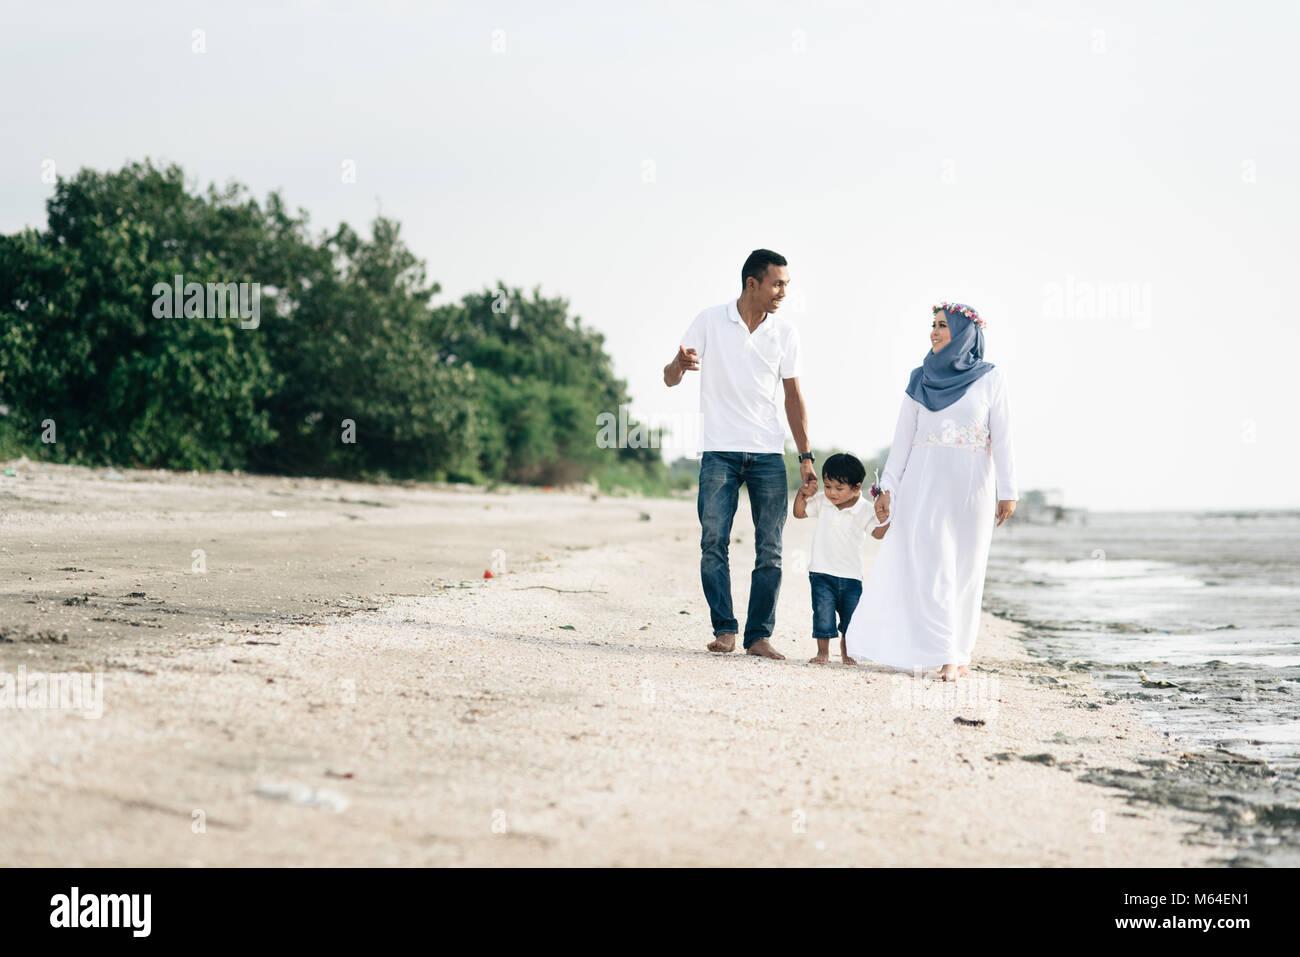 La famiglia felice avente tempo di divertimento a camminare insieme sulla spiaggia situato a Pantai Remis,Kuala Immagini Stock